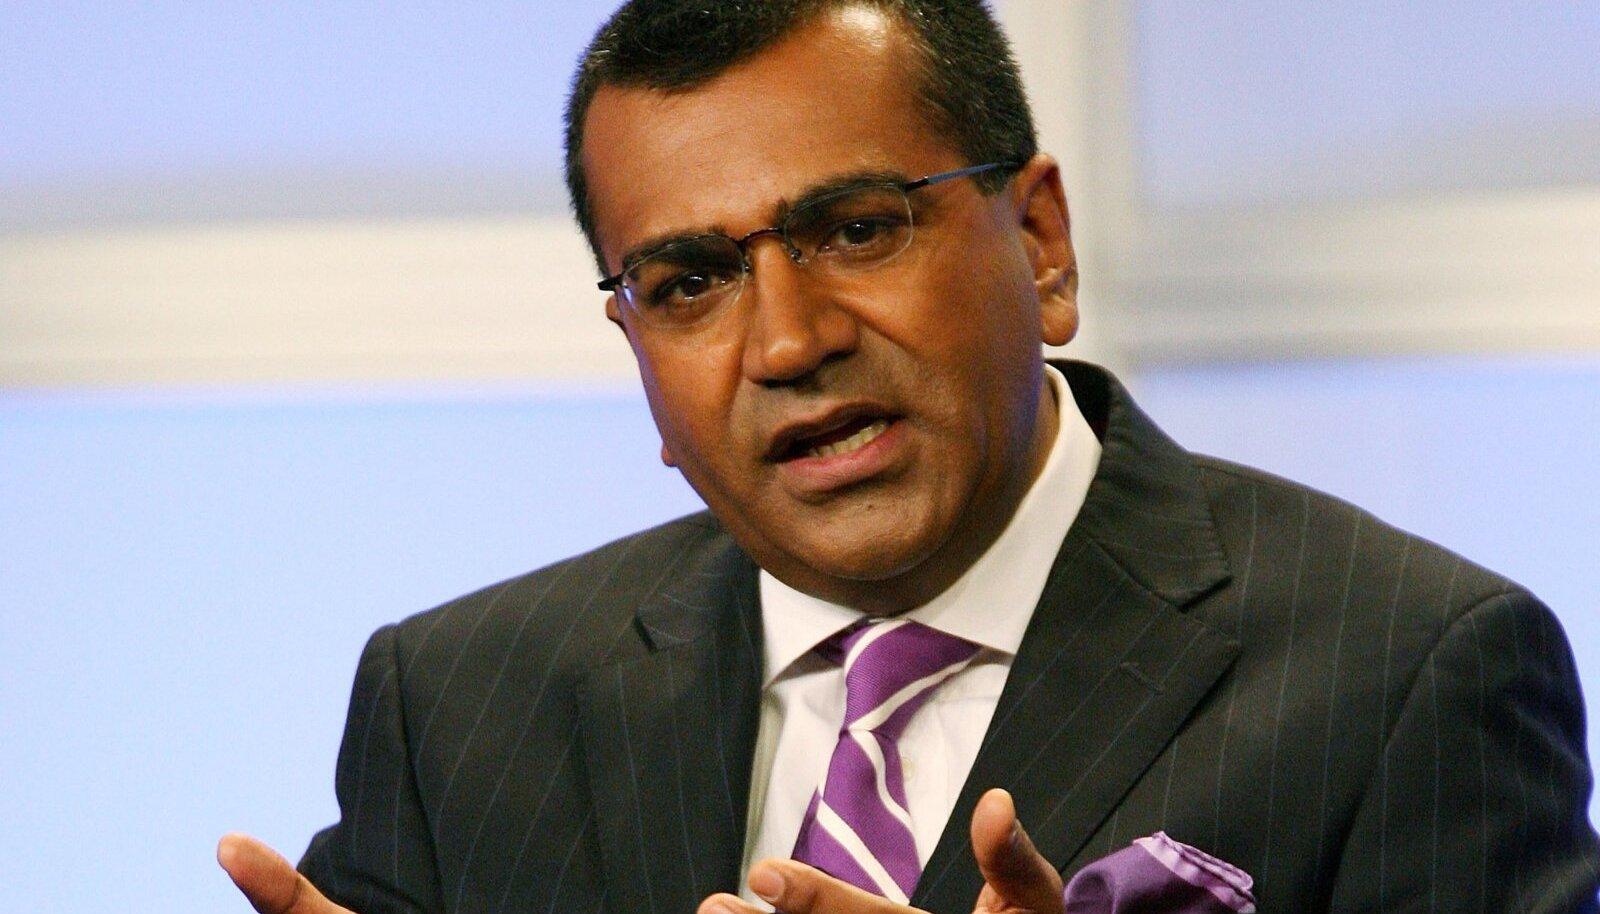 Martin Bashir, 2007